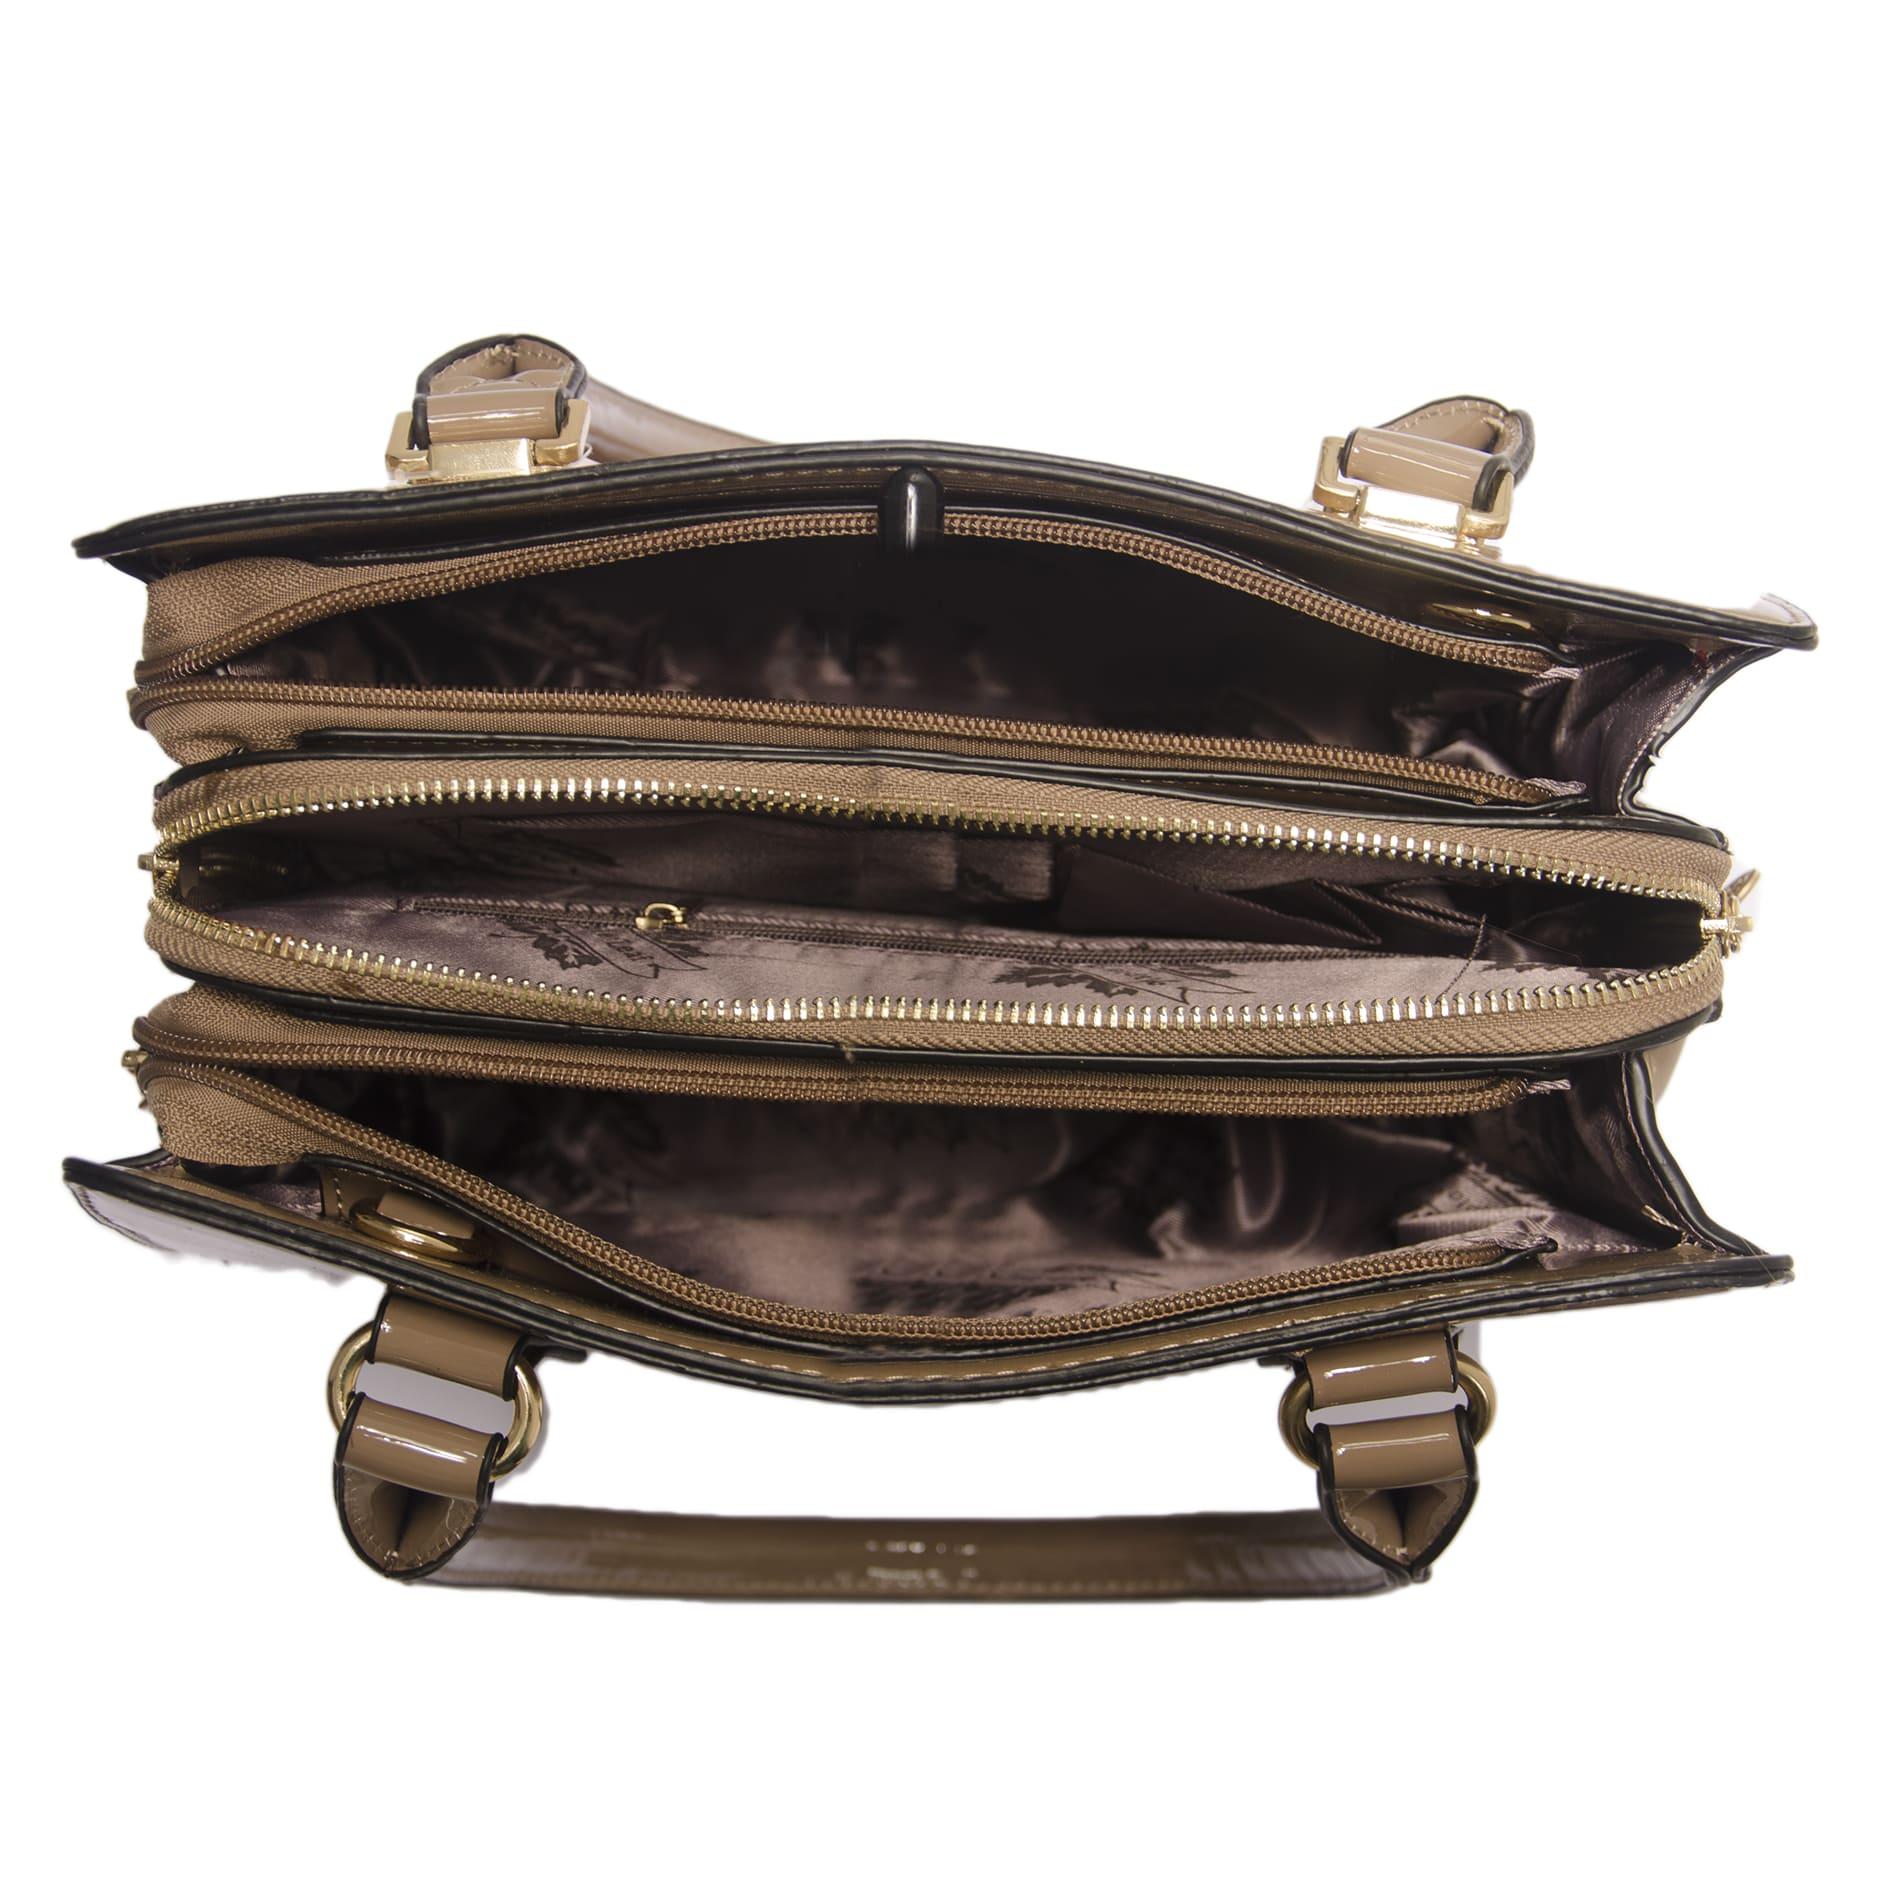 Bolsa de Mão Verniz Caqui com Alça Removível  - Prime Bolsas